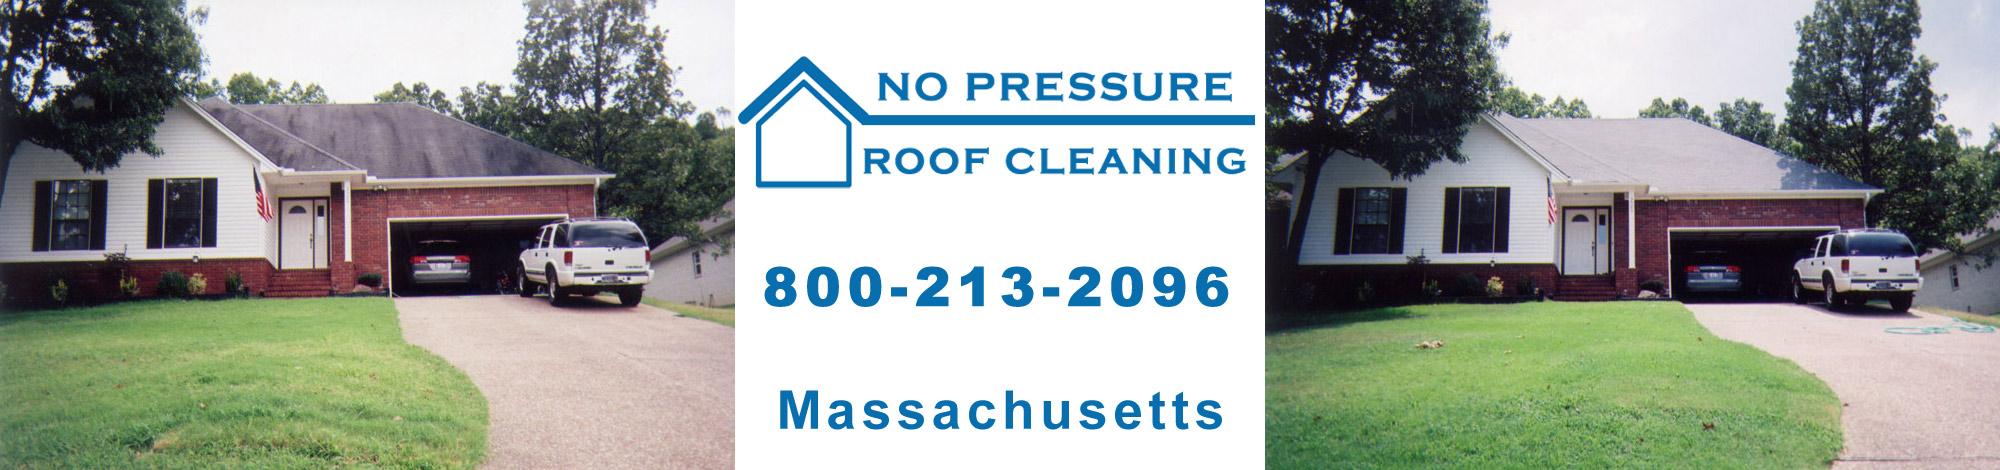 NoPressureRoofCleaning Massachusetts Banner